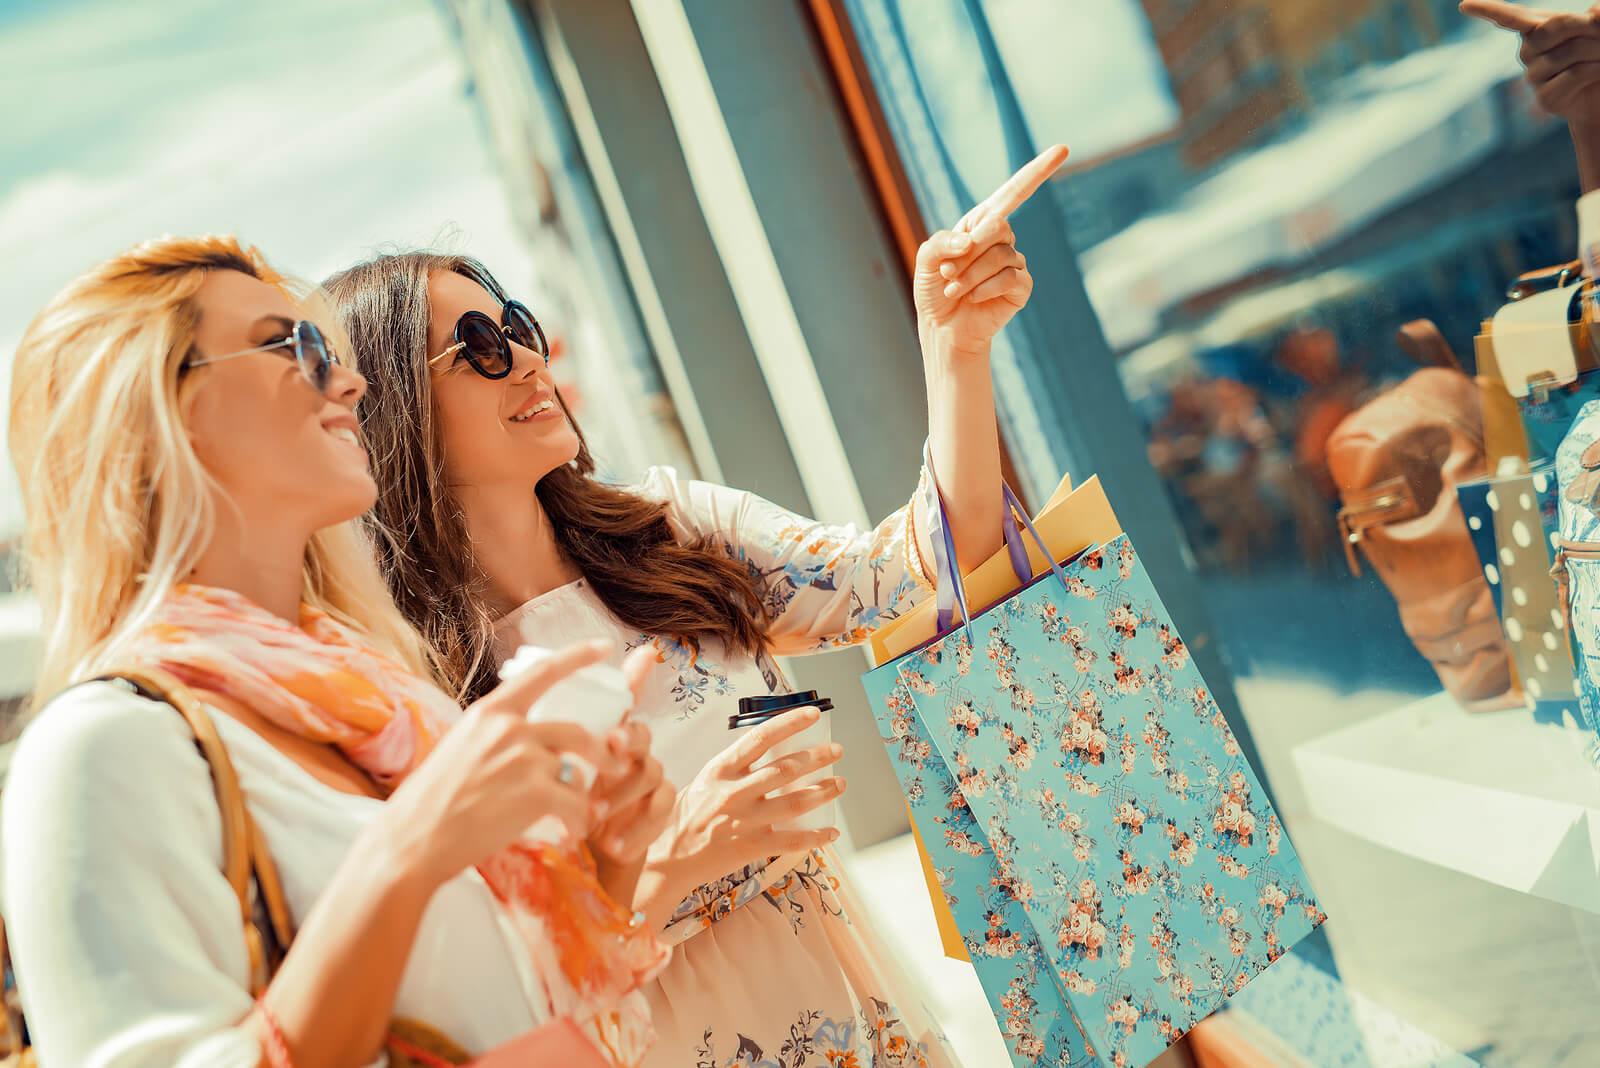 girls shopping at retail store